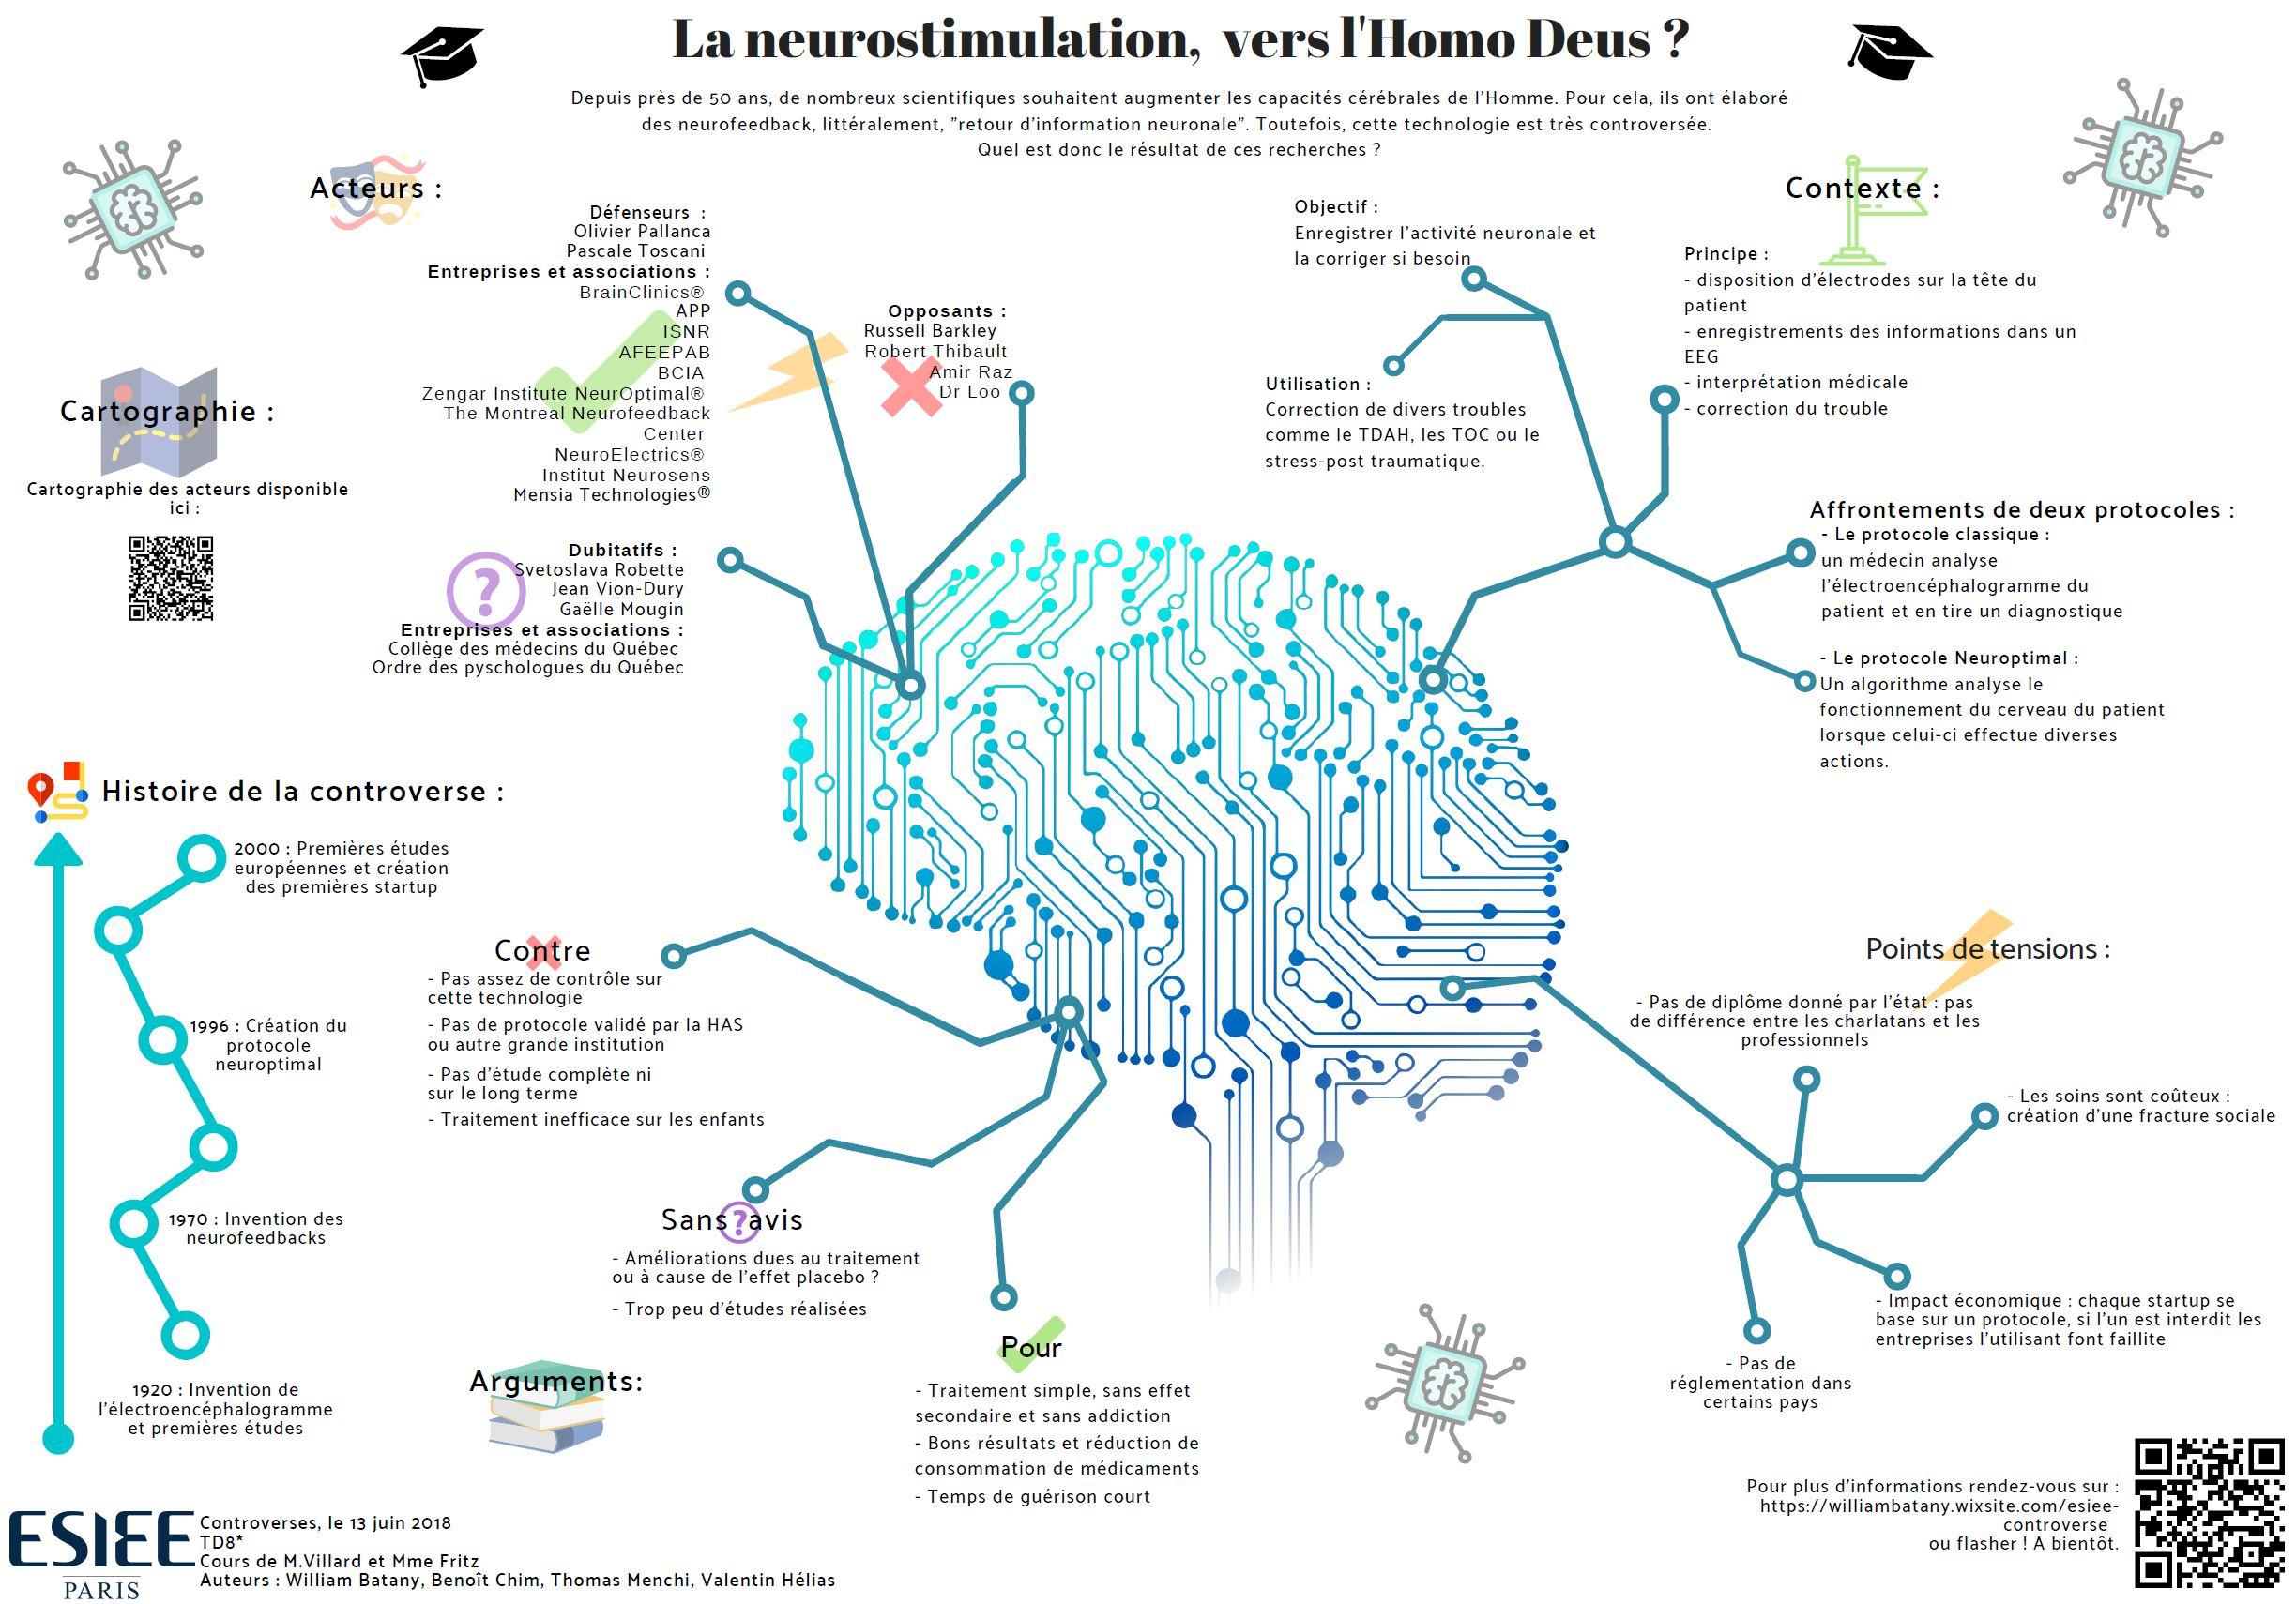 Controverse sur la neurostimulation